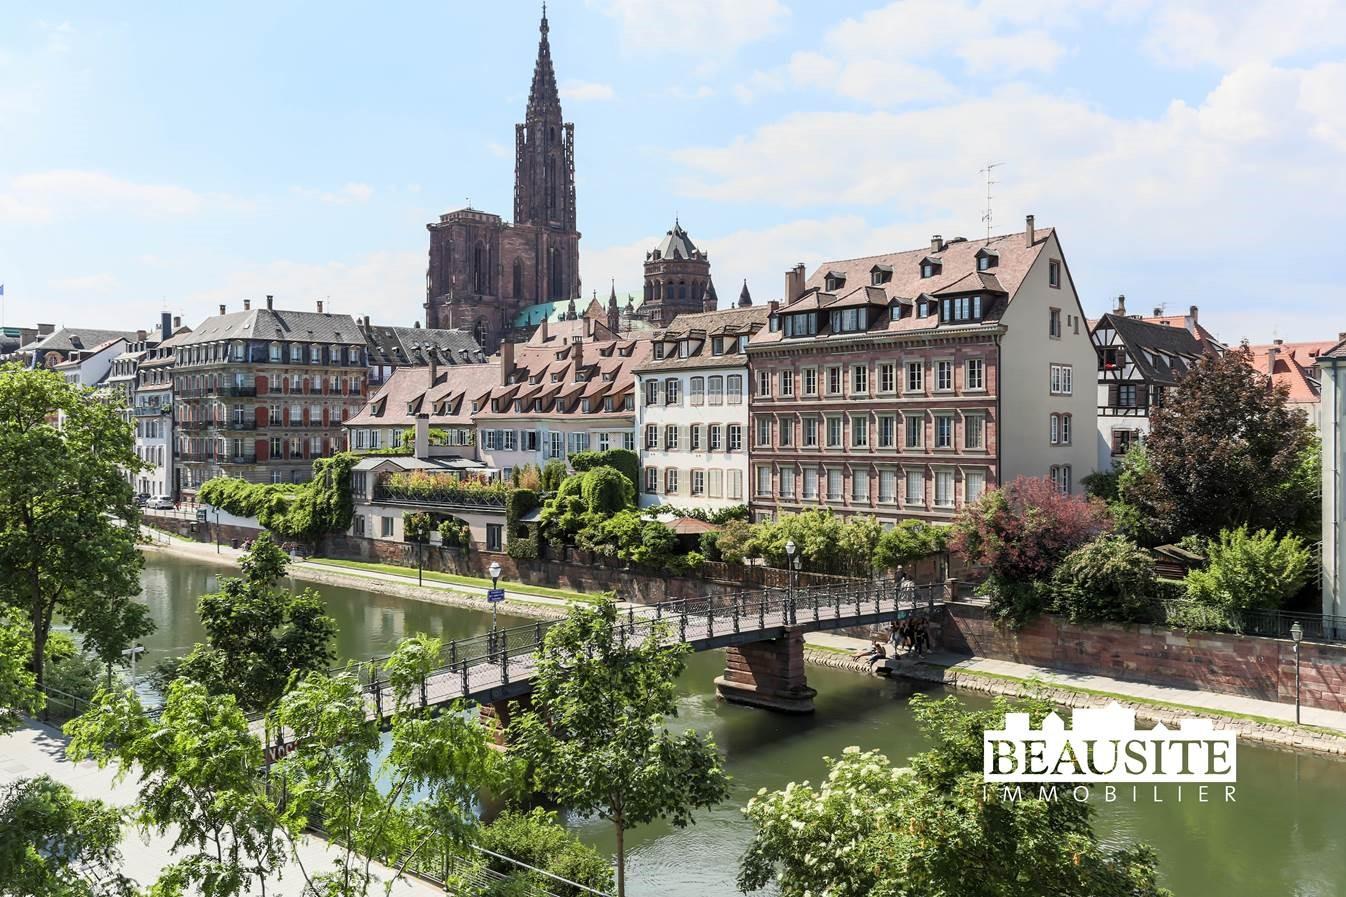 [Le Batelier] Agréable 2 pièces meublé - Krutenau / Quai des Bateliers - nos locations - Beausite Immobilier 7